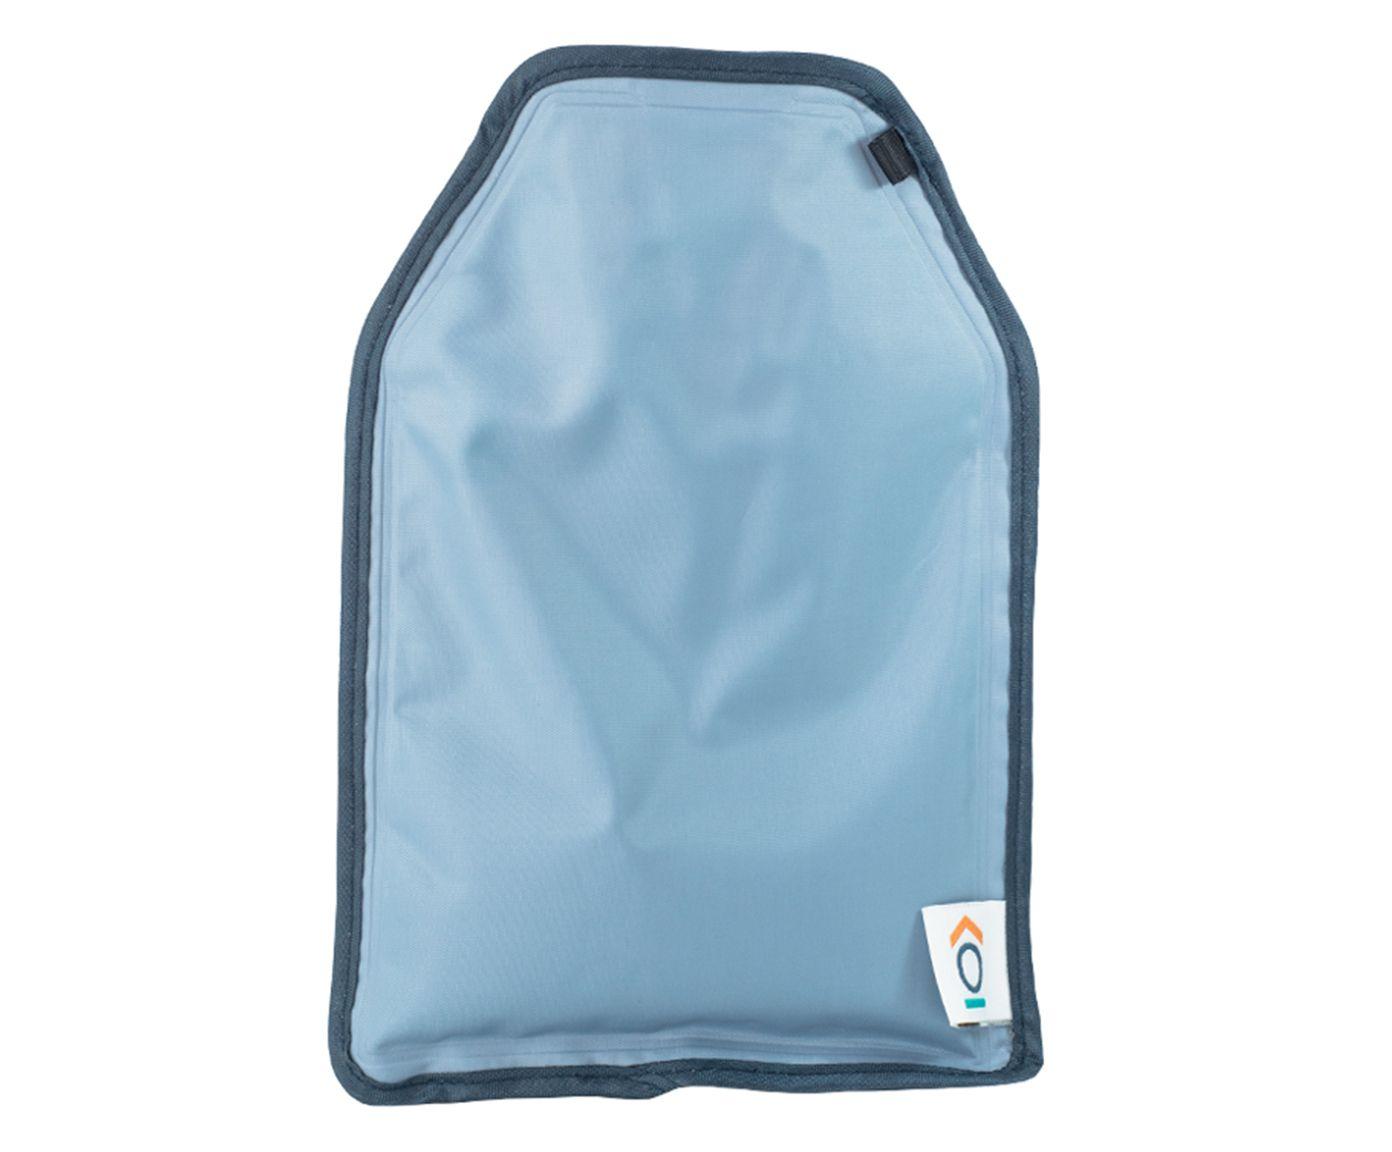 Capa Térmica Congelável para Garrafas Soigné Azul - 13,5X38cm | Westwing.com.br